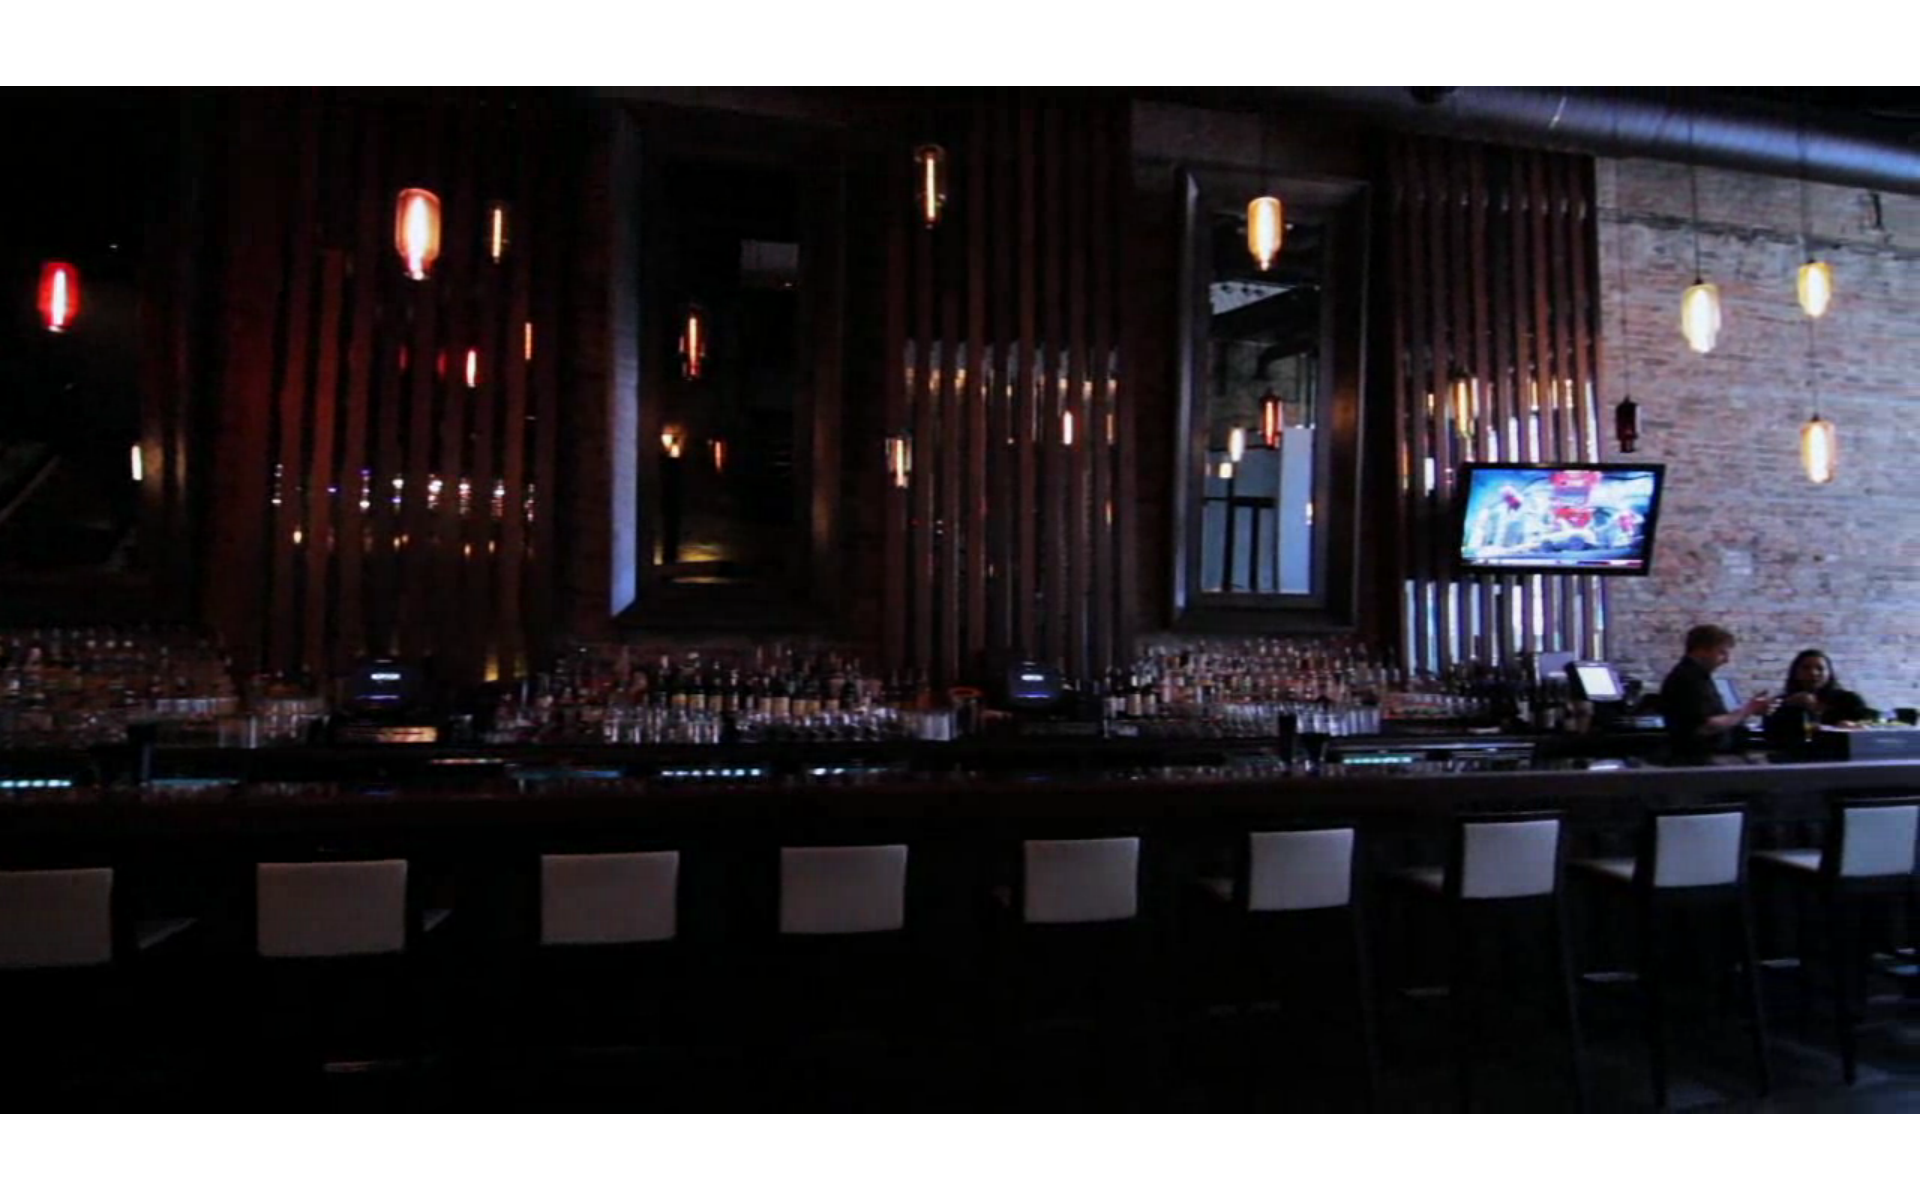 Niche Modern Pharos Pendants As Epic Chicago Bar Lighting